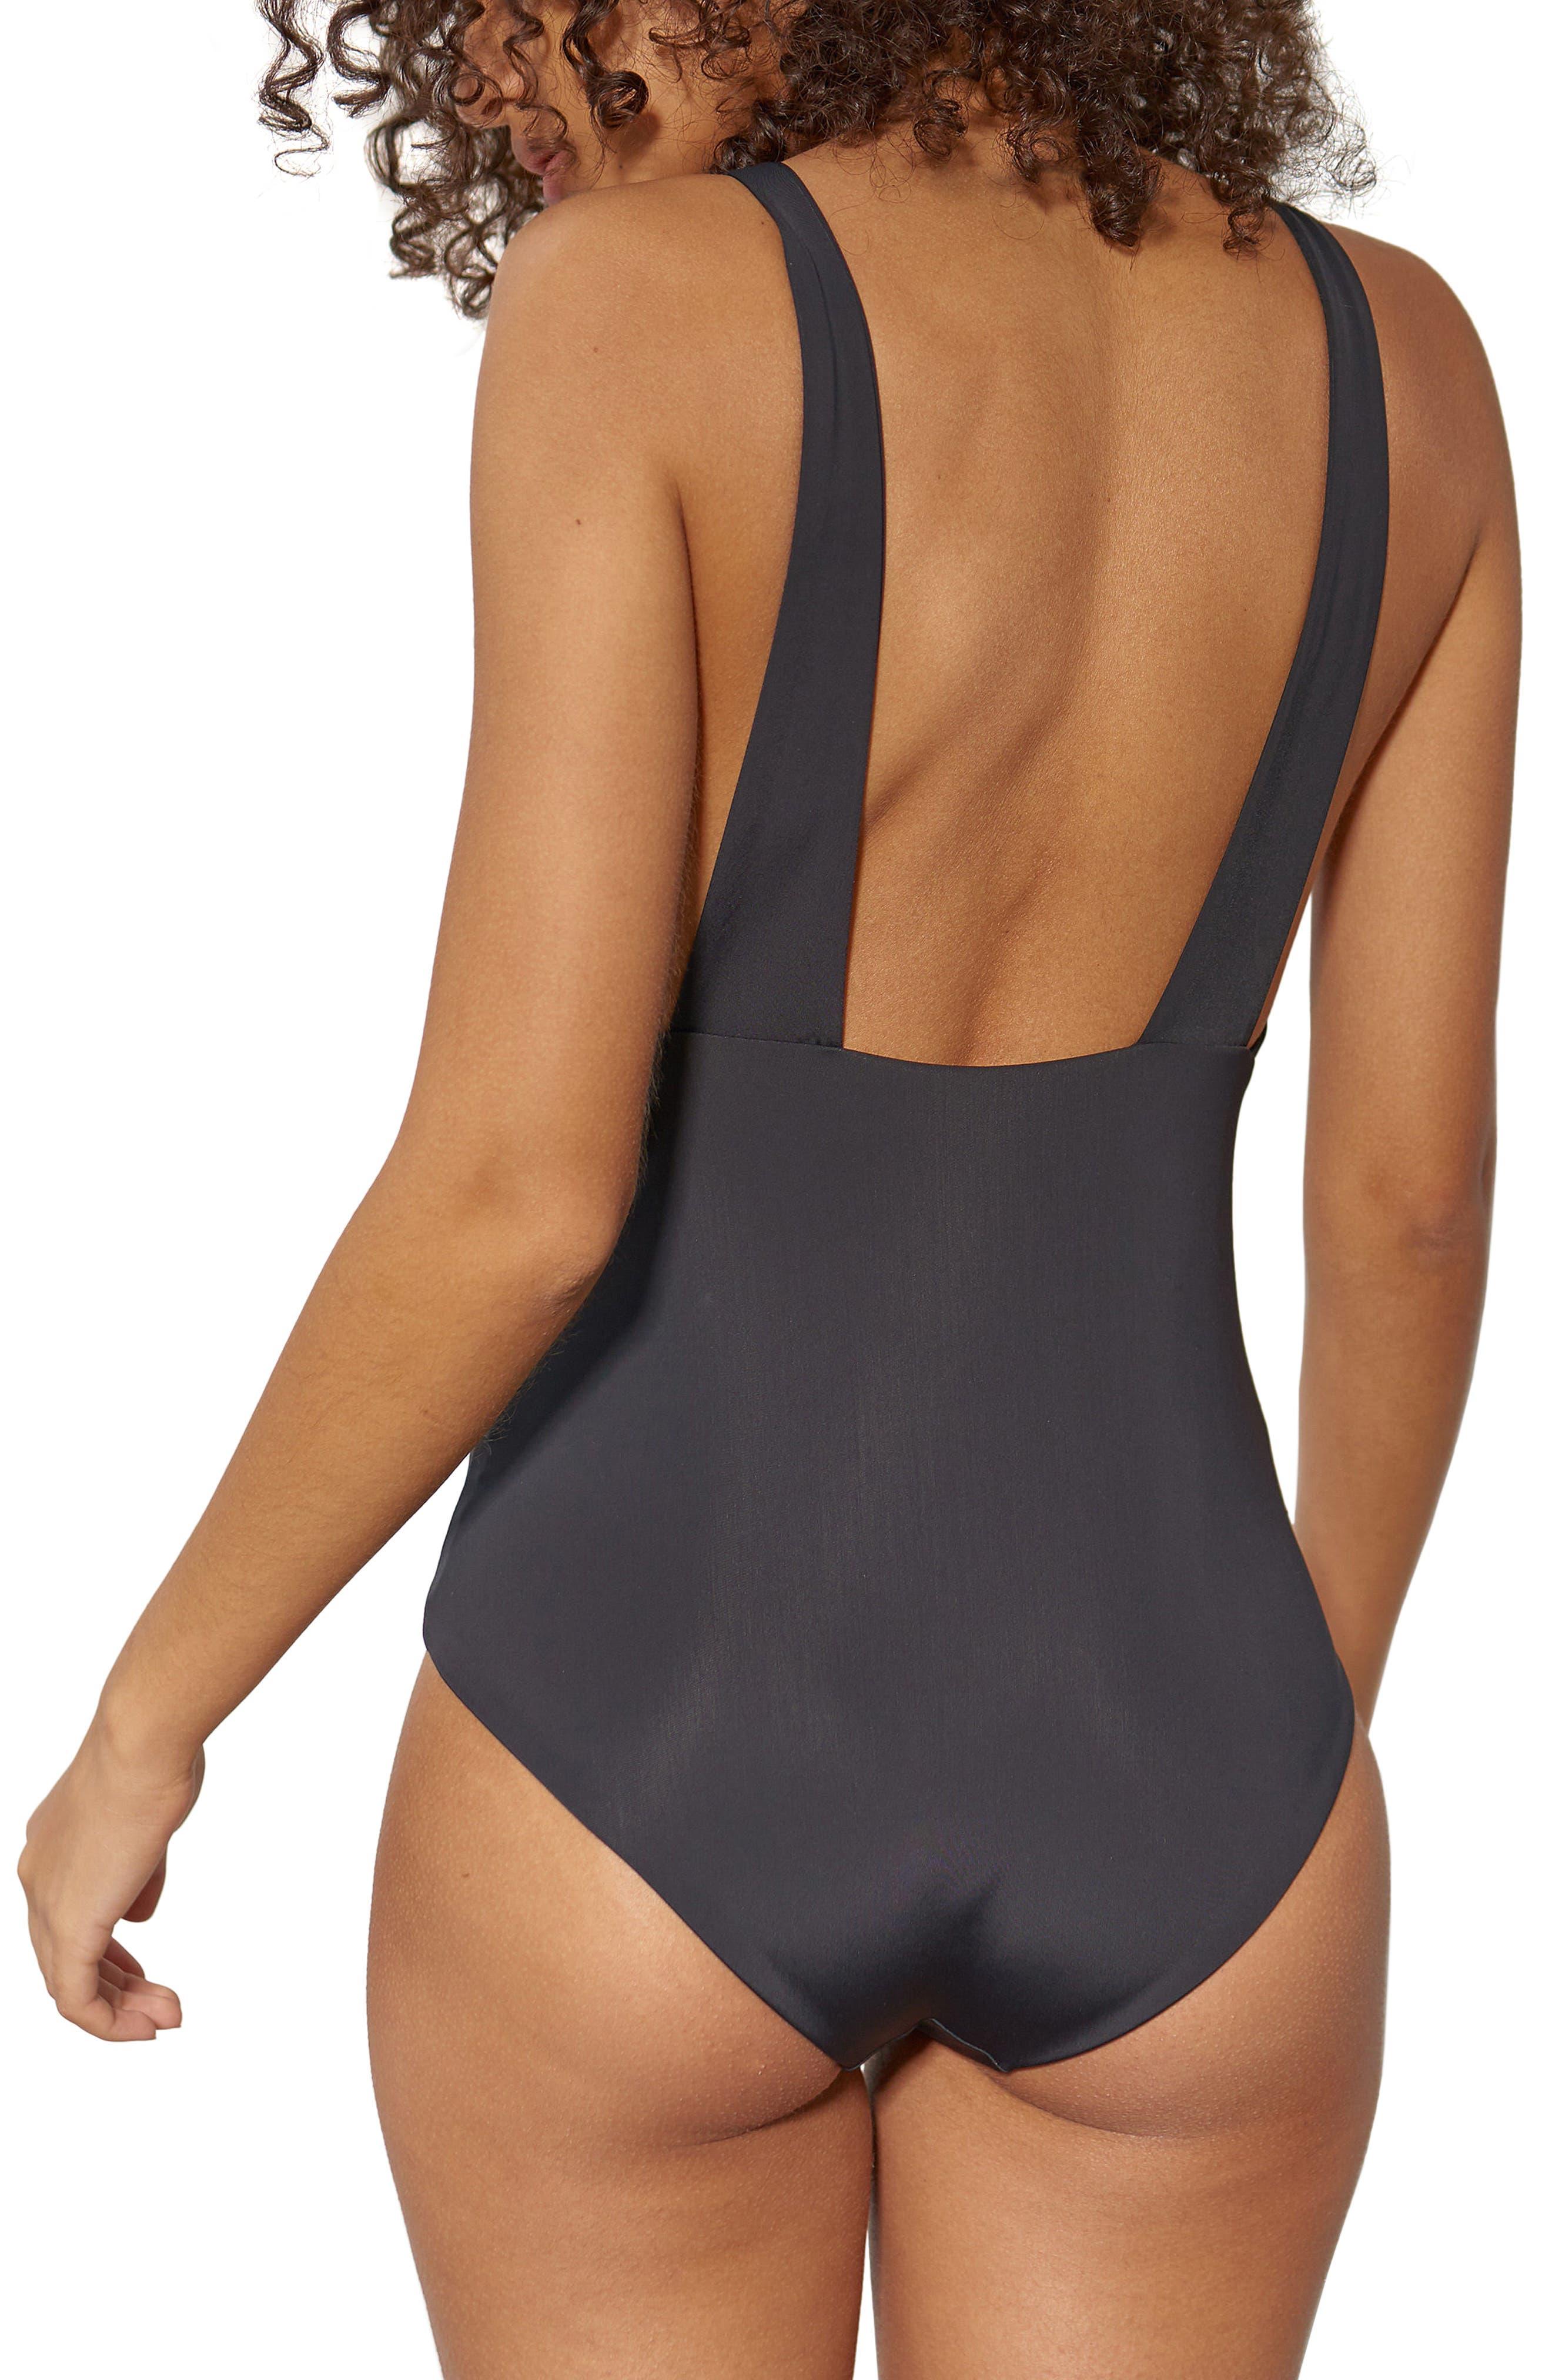 Audrey One-Piece Swimsuit,                             Alternate thumbnail 2, color,                             Black